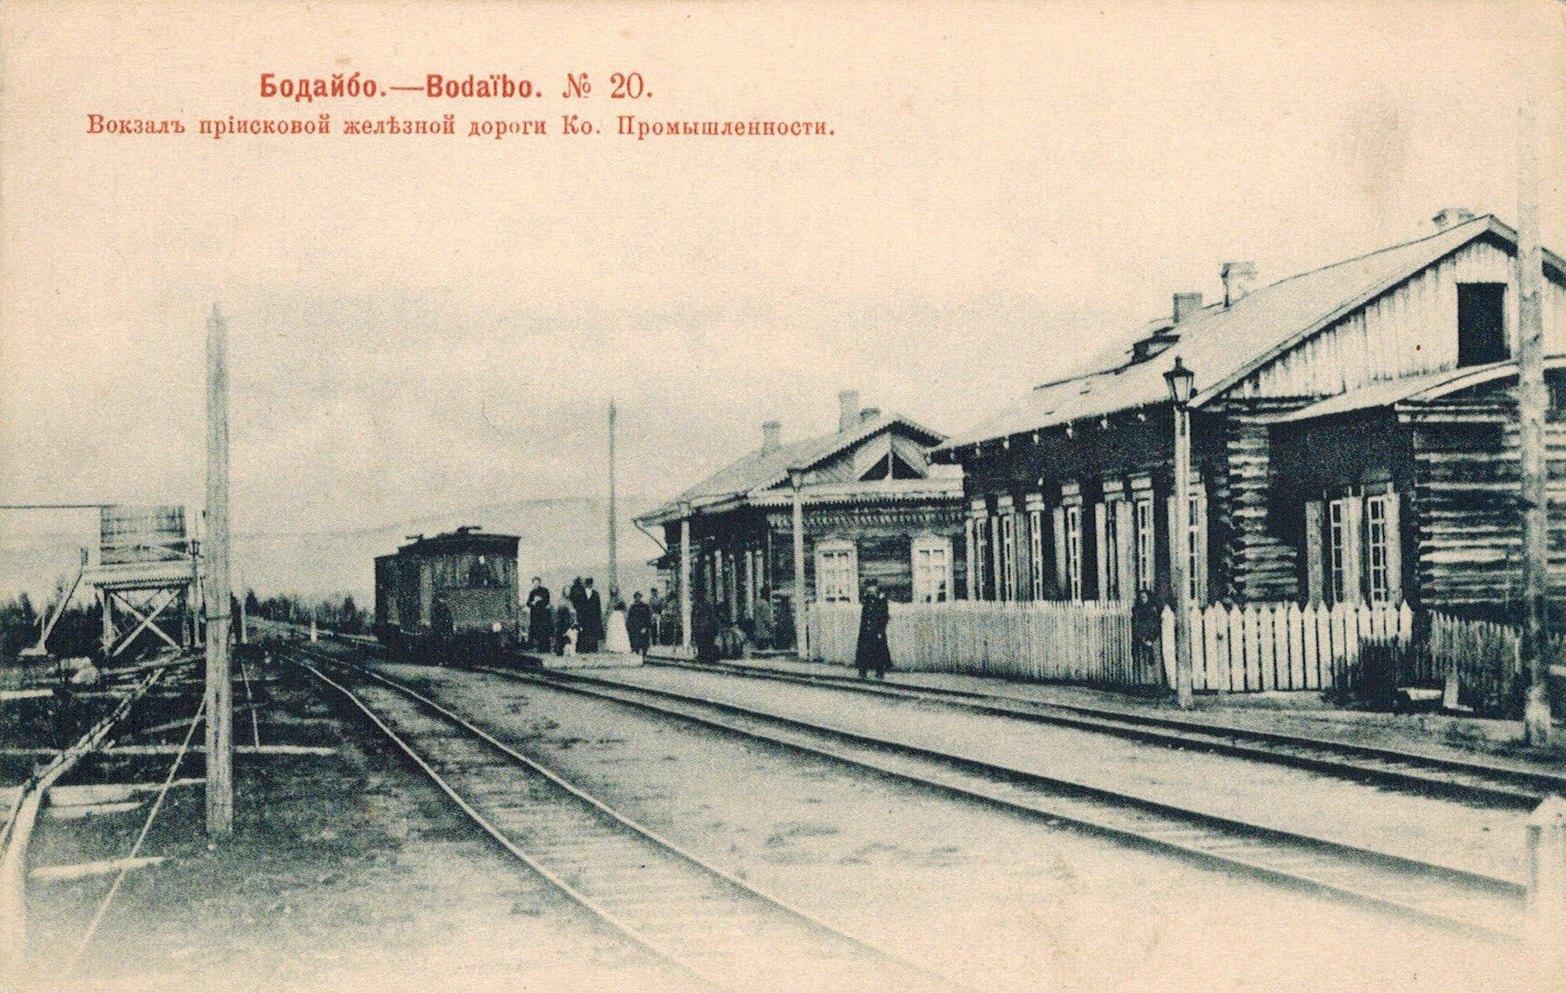 33. Вокзал приисковой железной дороги. Бодайбо